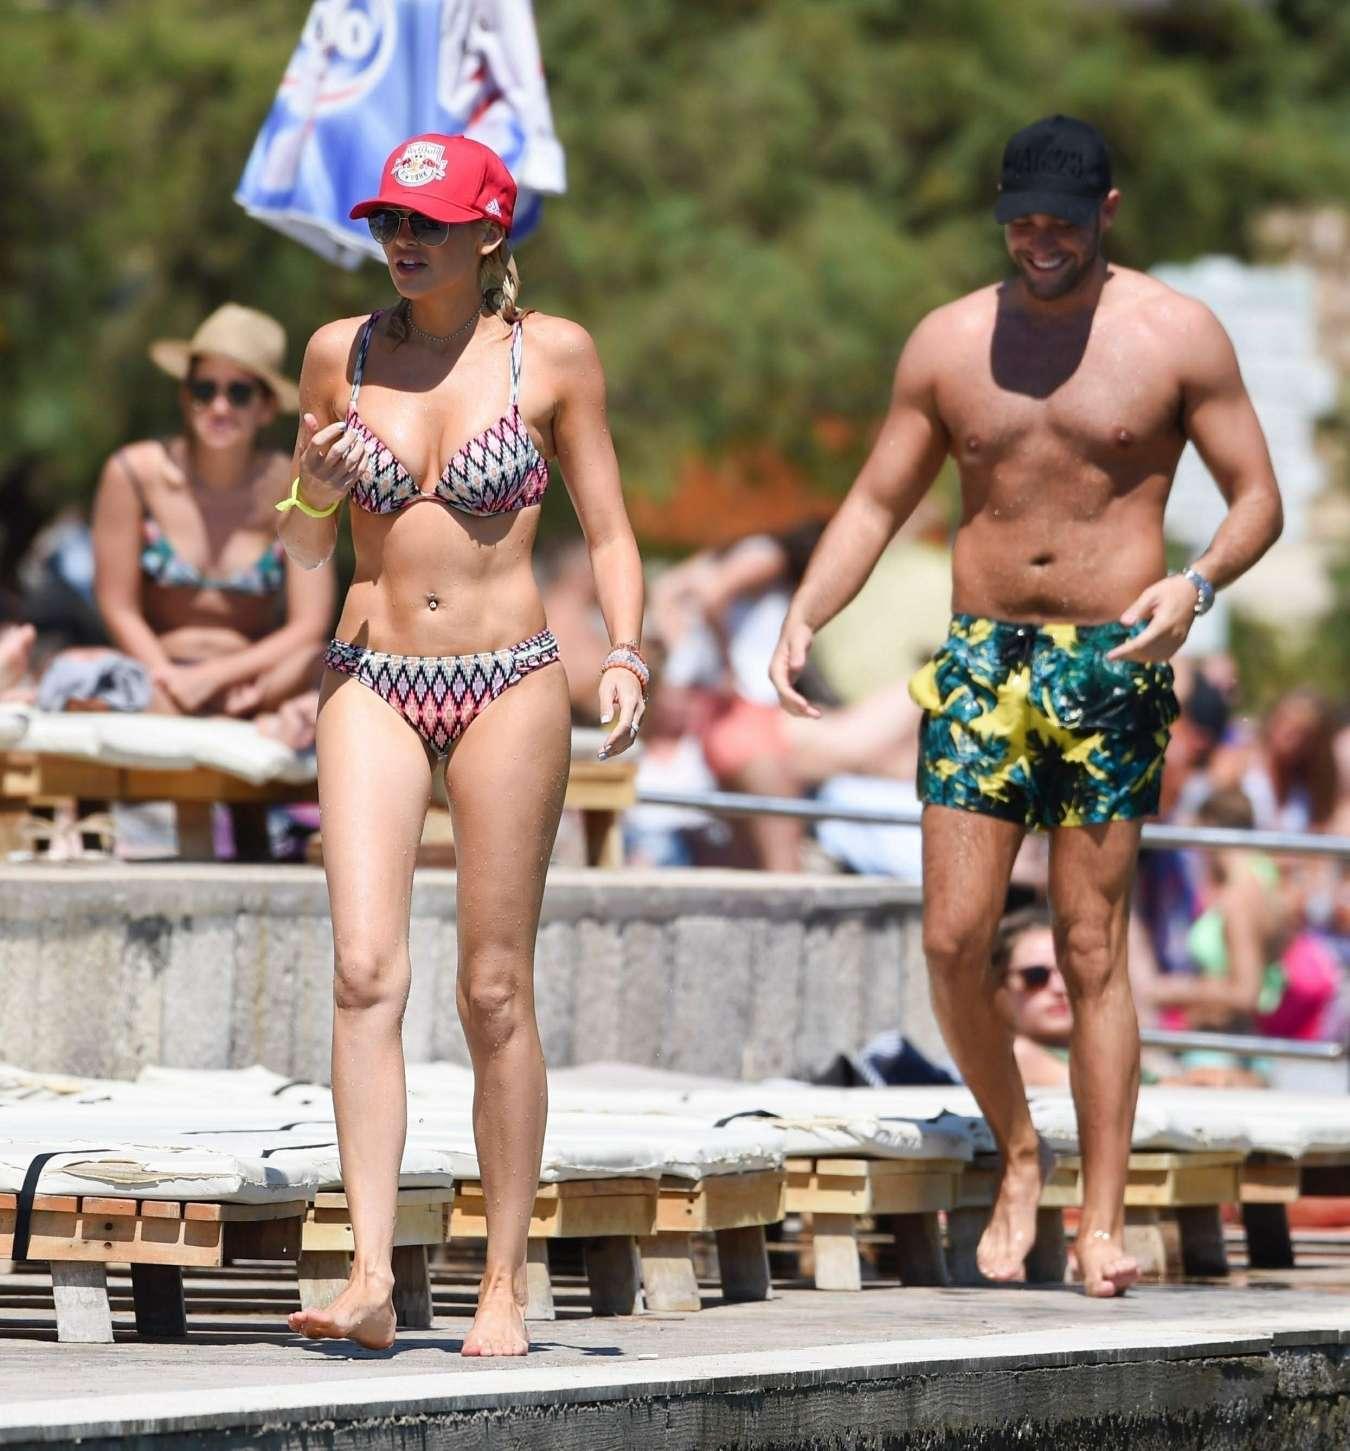 Stephanie Pratt 2017 : Stephanie Pratt: Bikini on holiday in Croatia -23